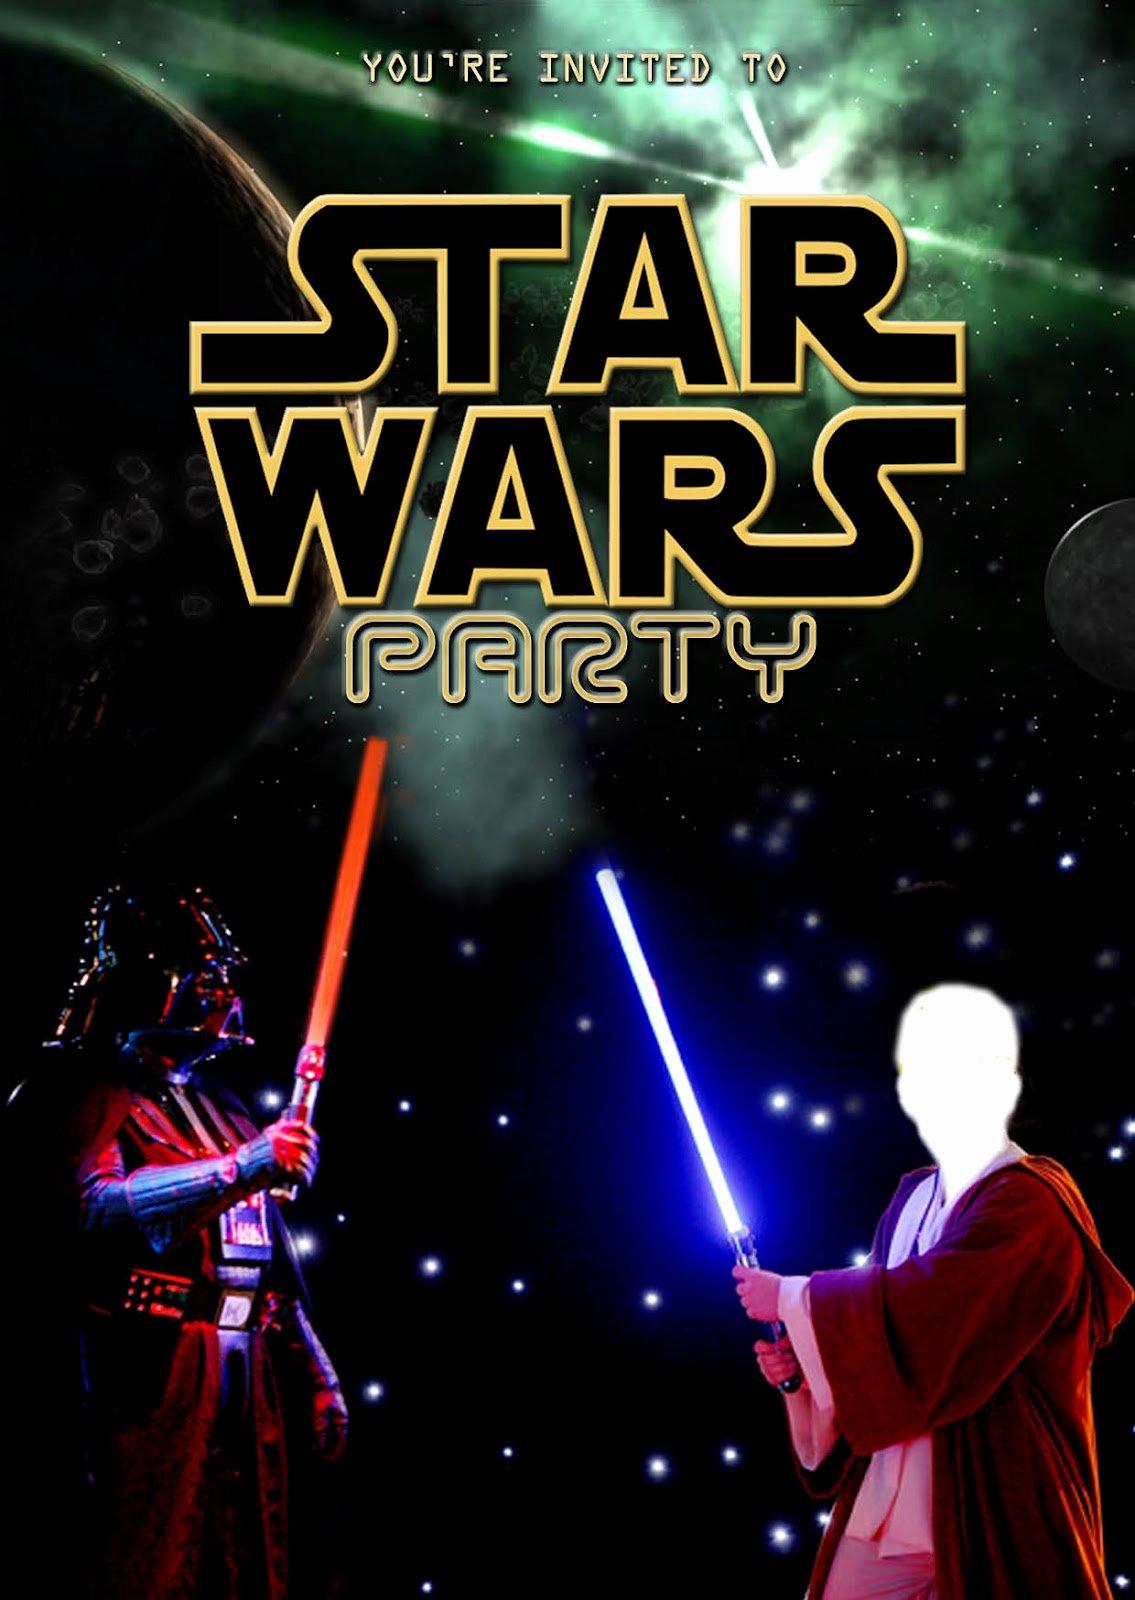 Star Wars Invitations Free Beautiful Free Kids Party Invitations Star Wars Party Invitation